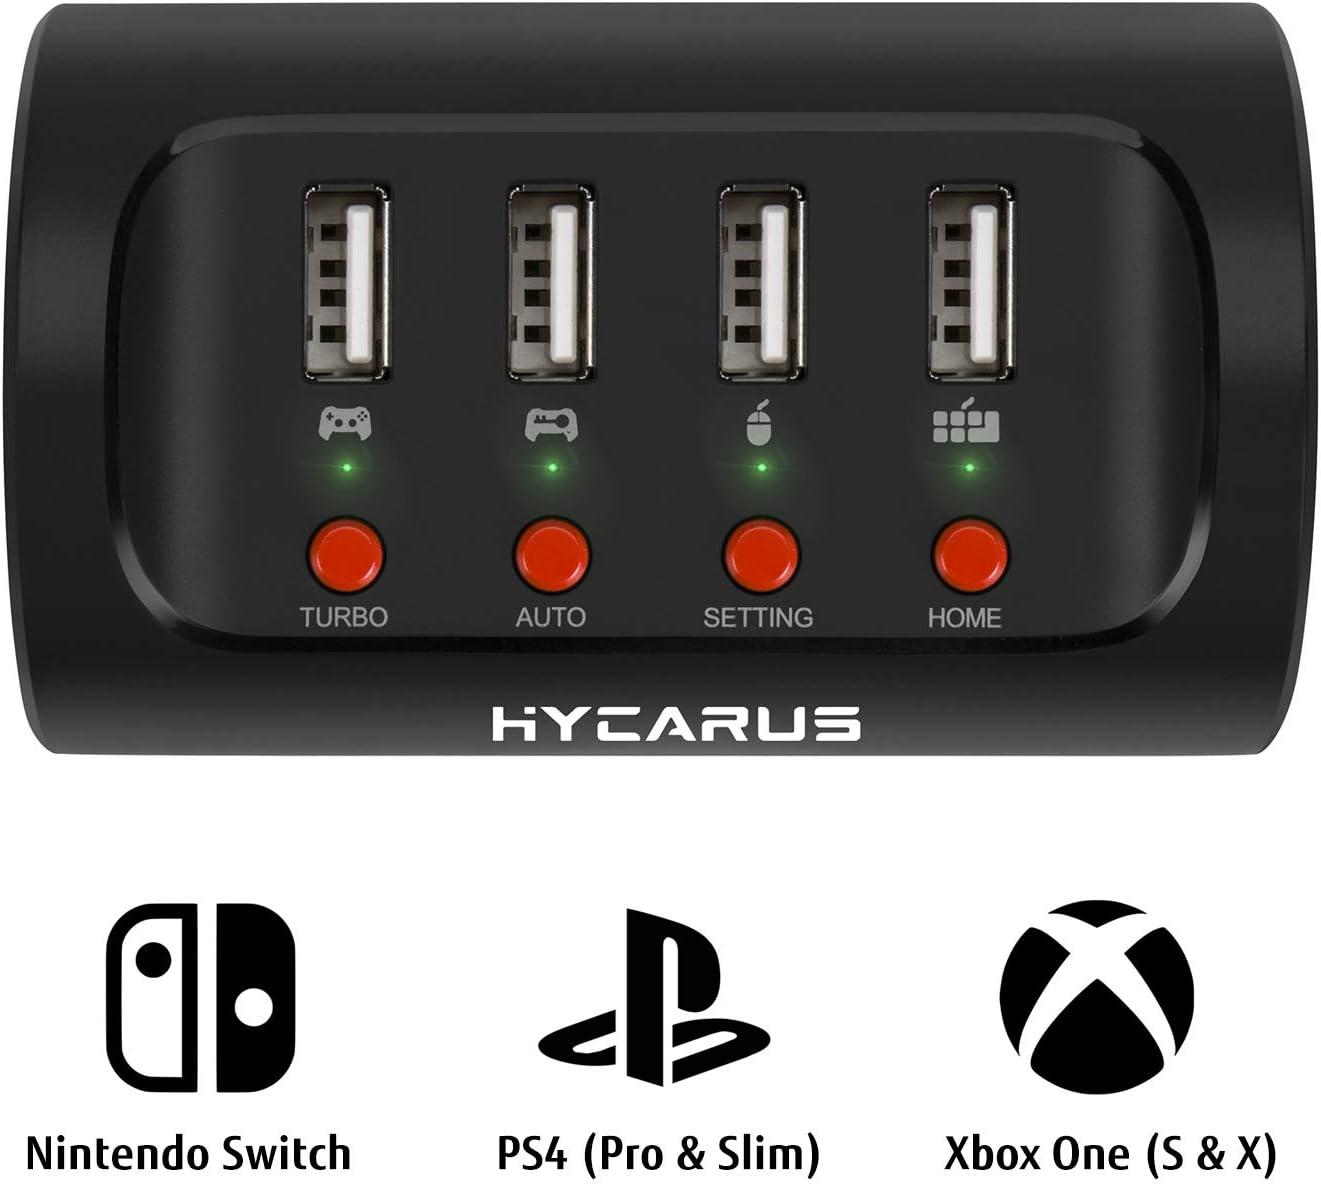 HYCARUS Adaptador de teclado y mouse con convertidor de controlador para PS4 / Xbox One / Nintendo Switch. Perfecto para juegos como FPS, TPS, RPG y RTS, etc.: Amazon.es: Videojuegos